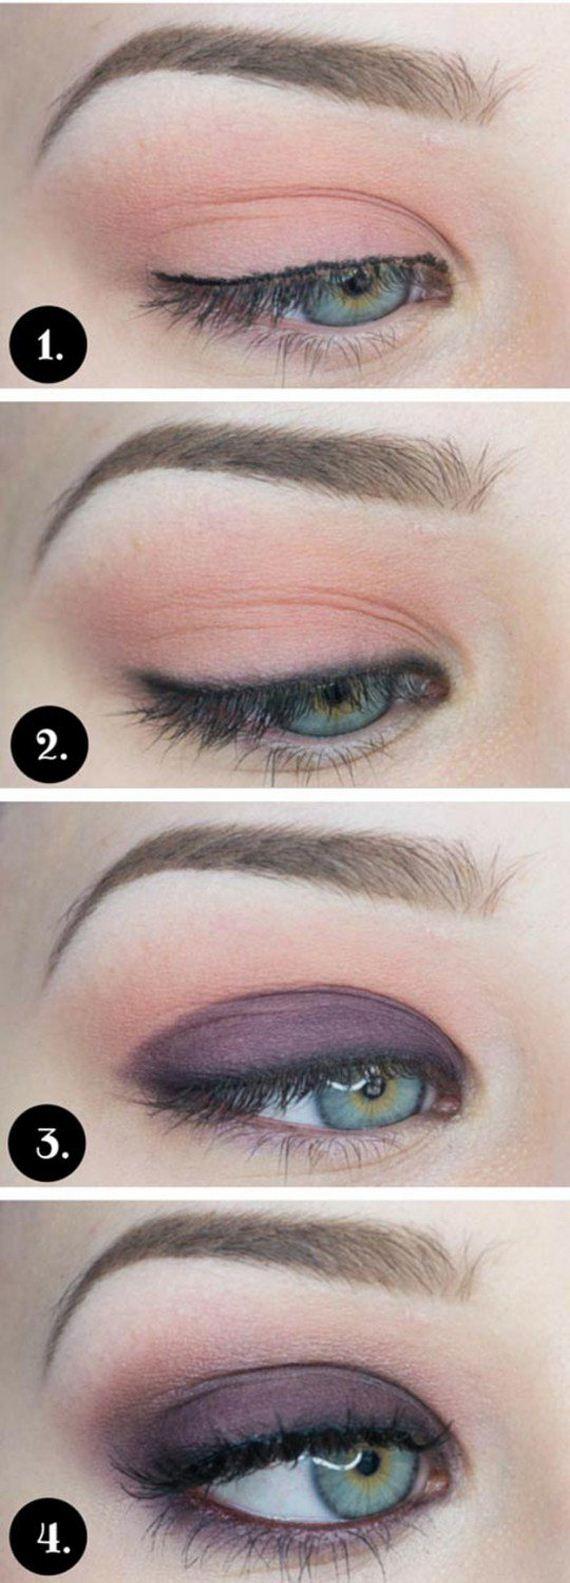 04-Colorful-Eyeshadow